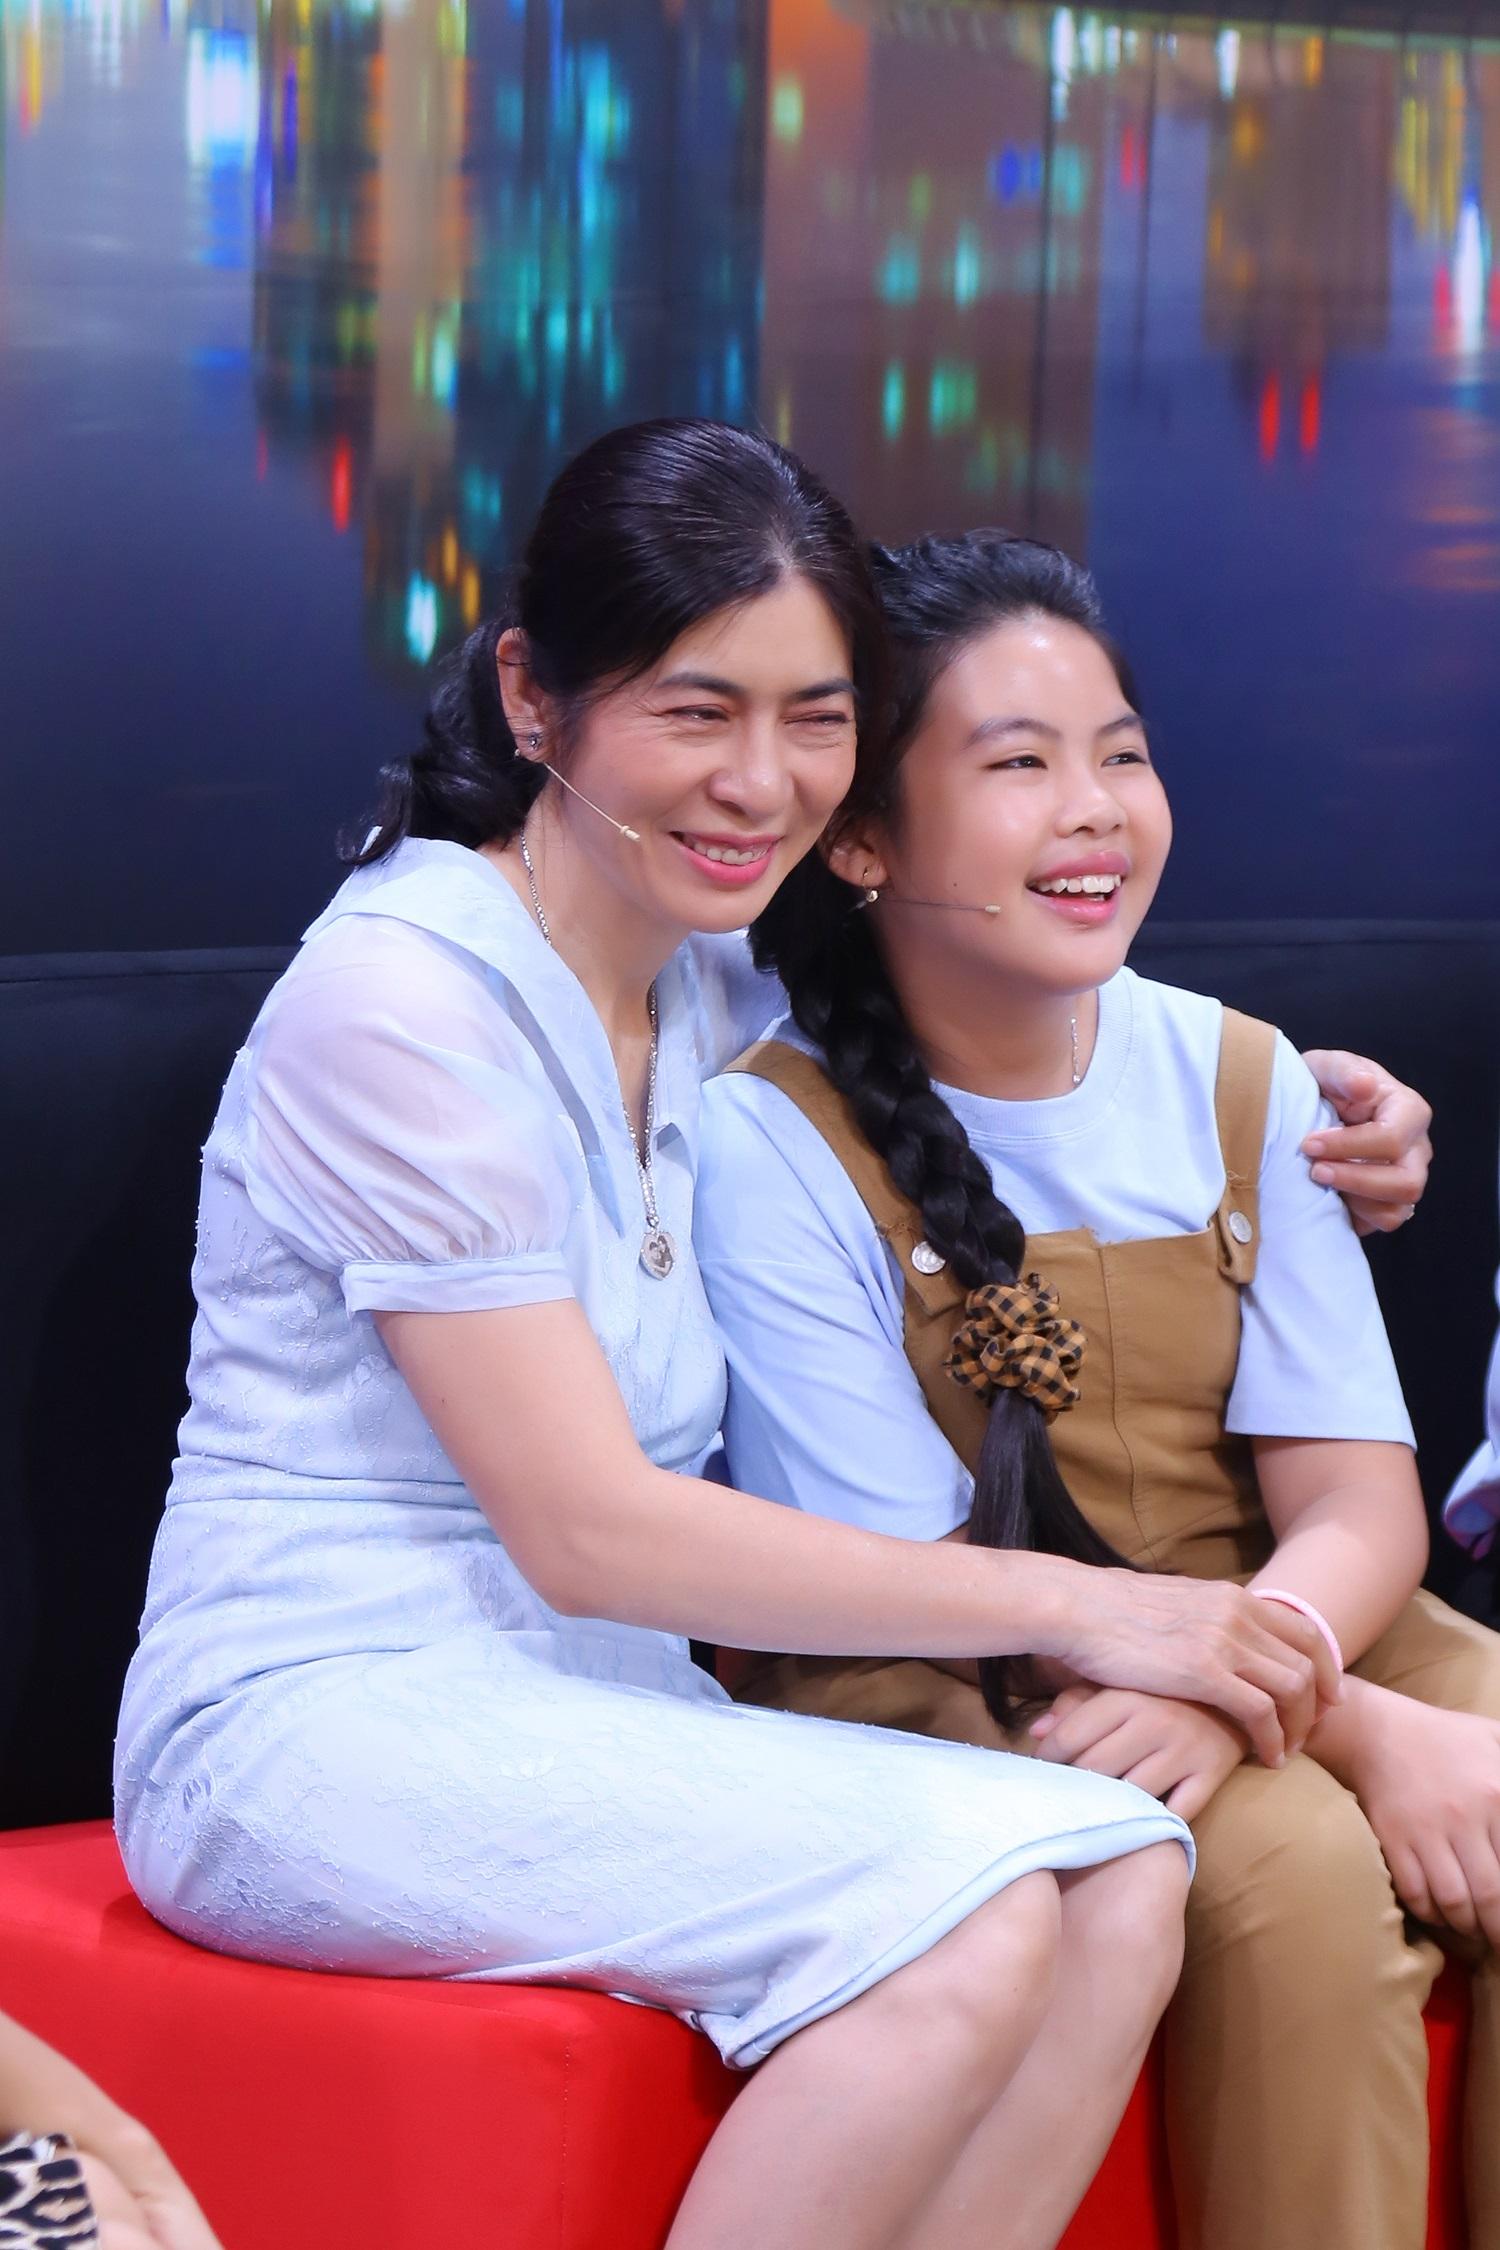 Ốc Thanh Vân bất ngờ vì phản ứng của cô bé 8 tuổi khi ba đột ngột qua đời - 2